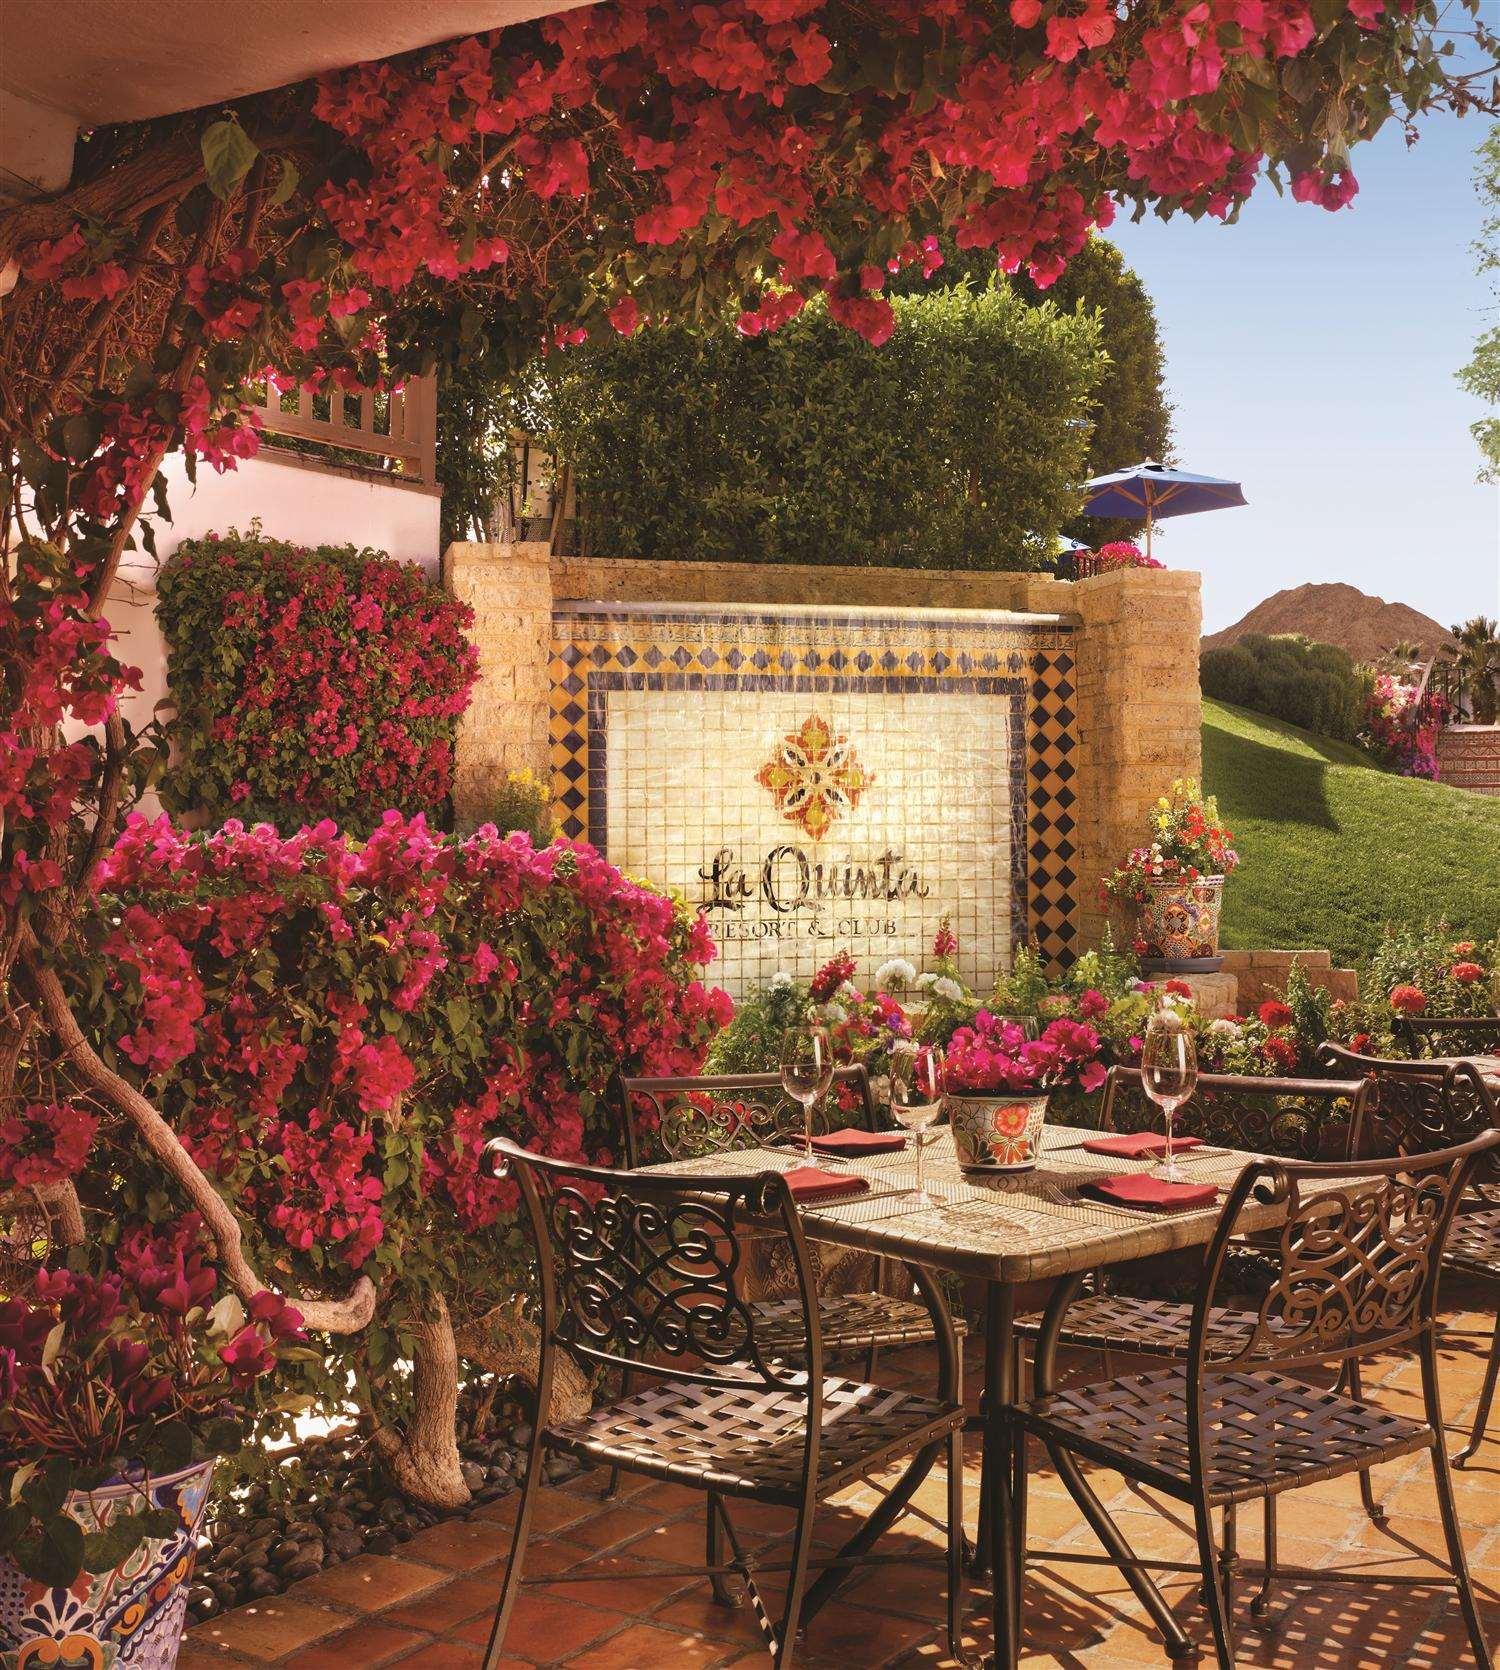 La Quinta Resort & Club, A Waldorf Astoria Resort image 46